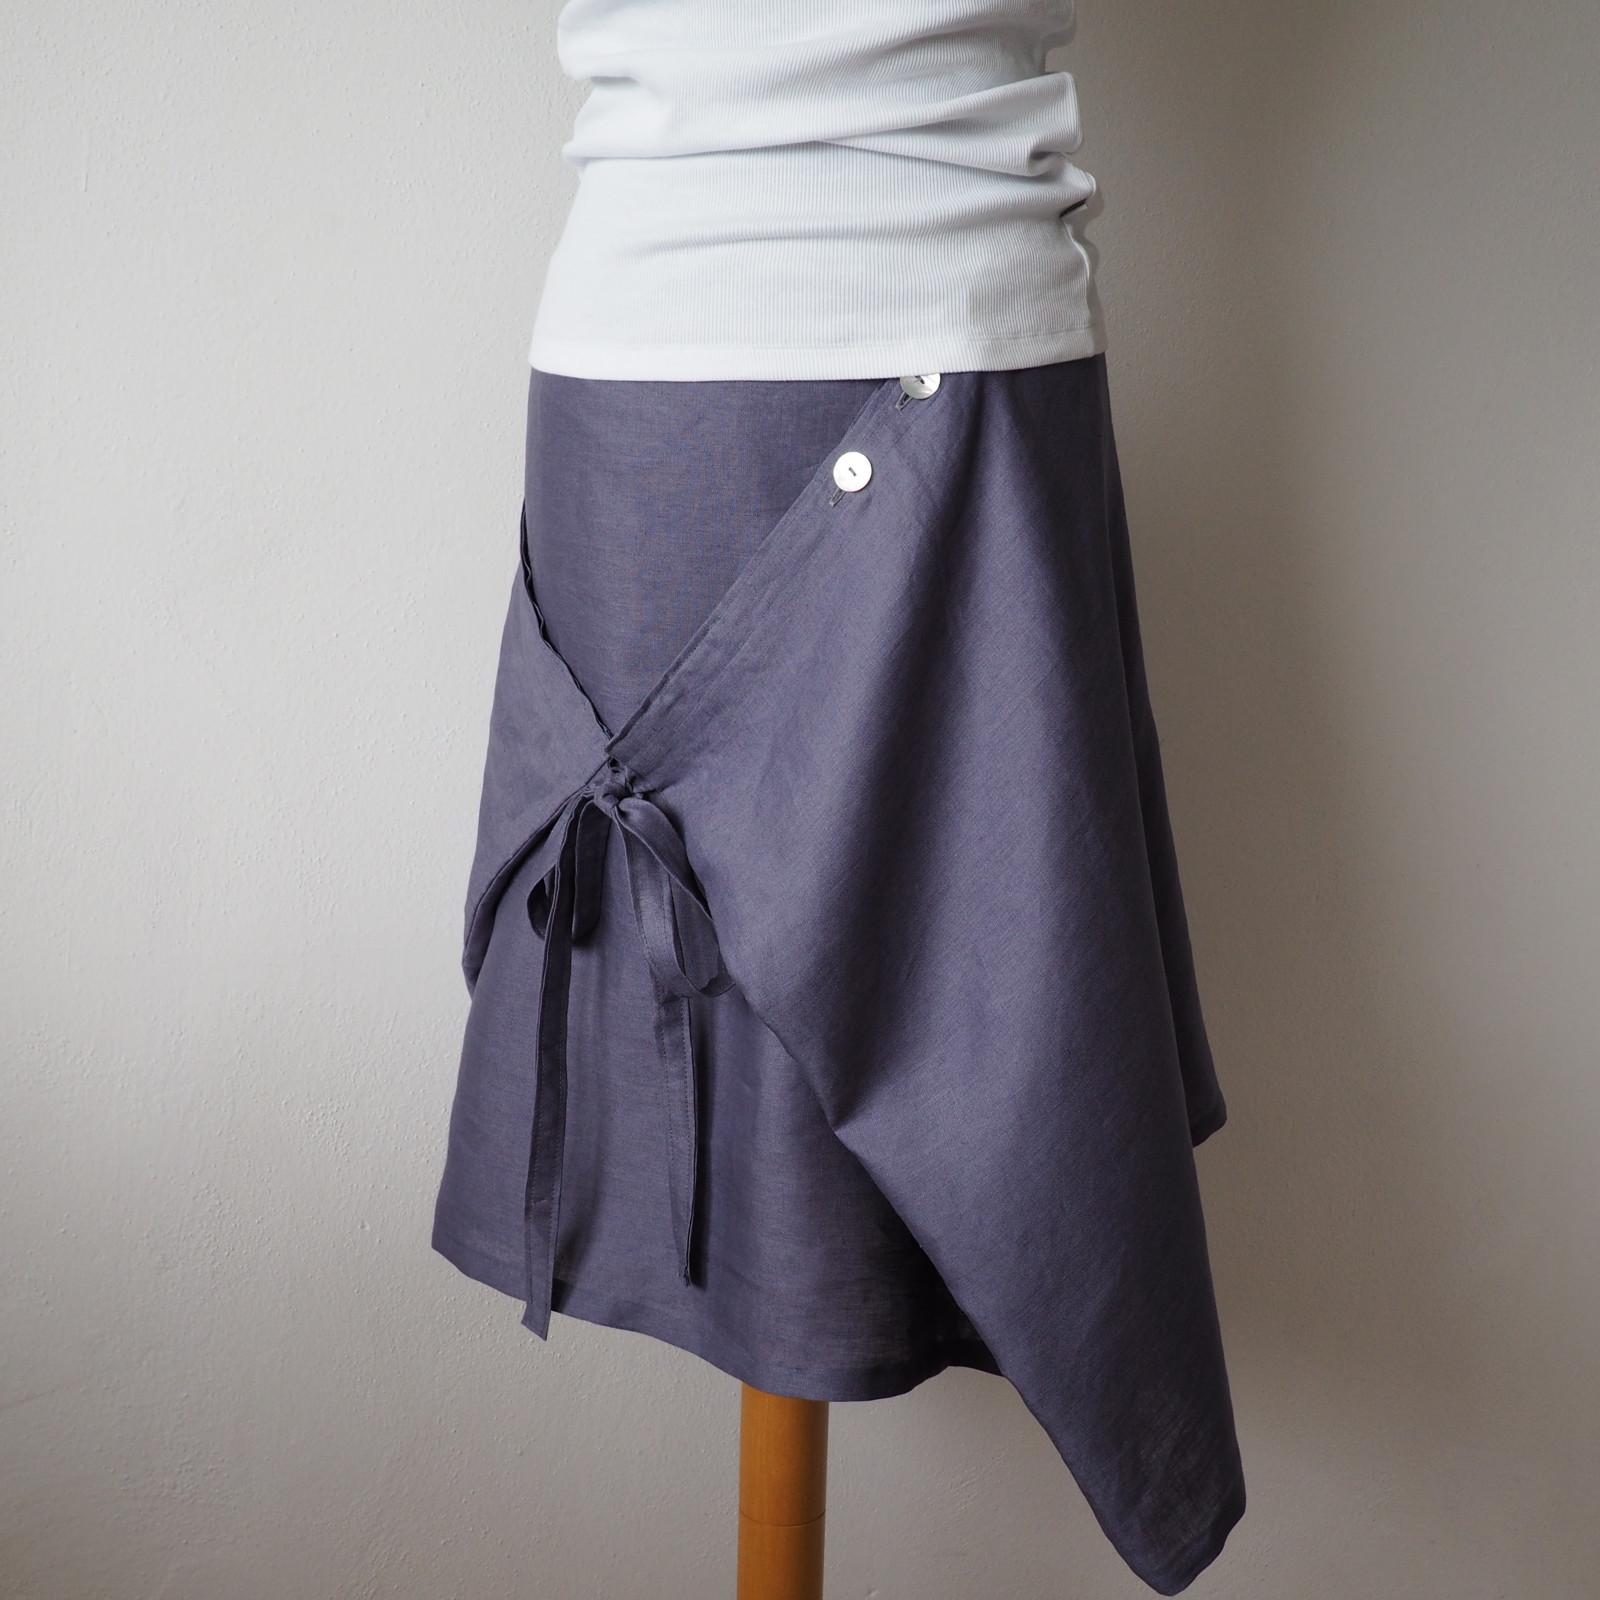 8dbec699a10 Chytrá zavinovací sukně lněná tmavě šedá   Zboží prodejce artsilk ...